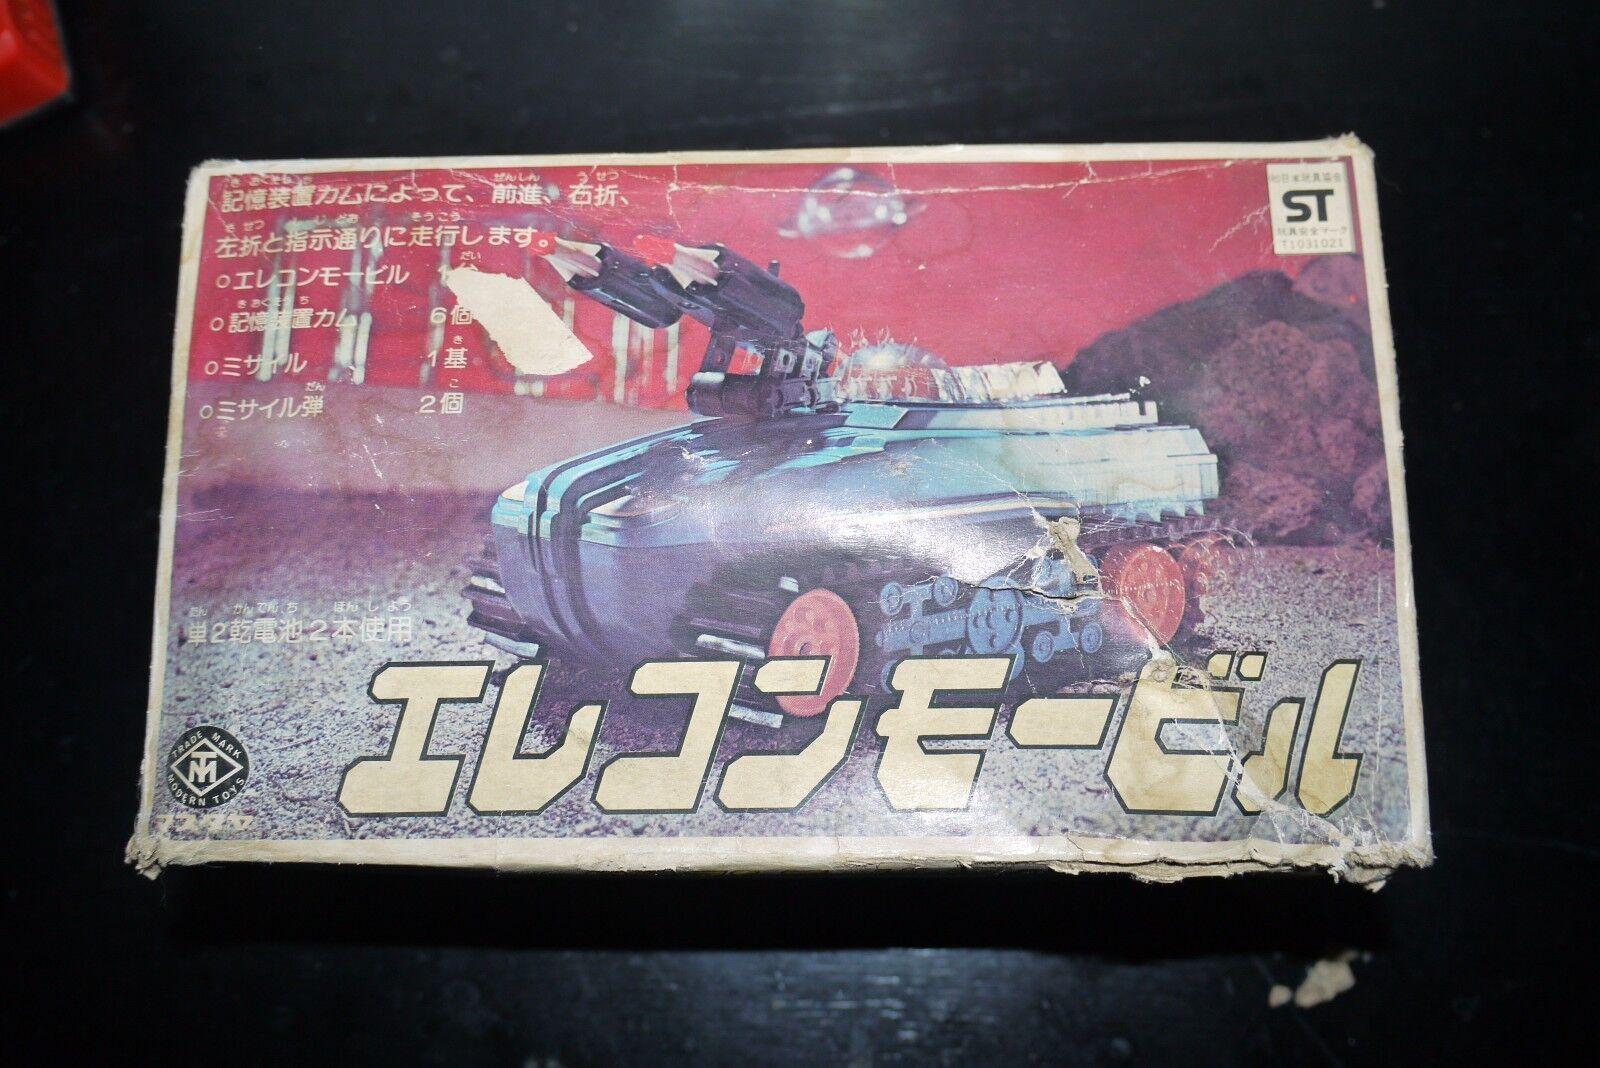 60 bis 70 ist jahrgang batteriebetriebene spielzeug raum tank japan arbeiten unvollständig umzingelt